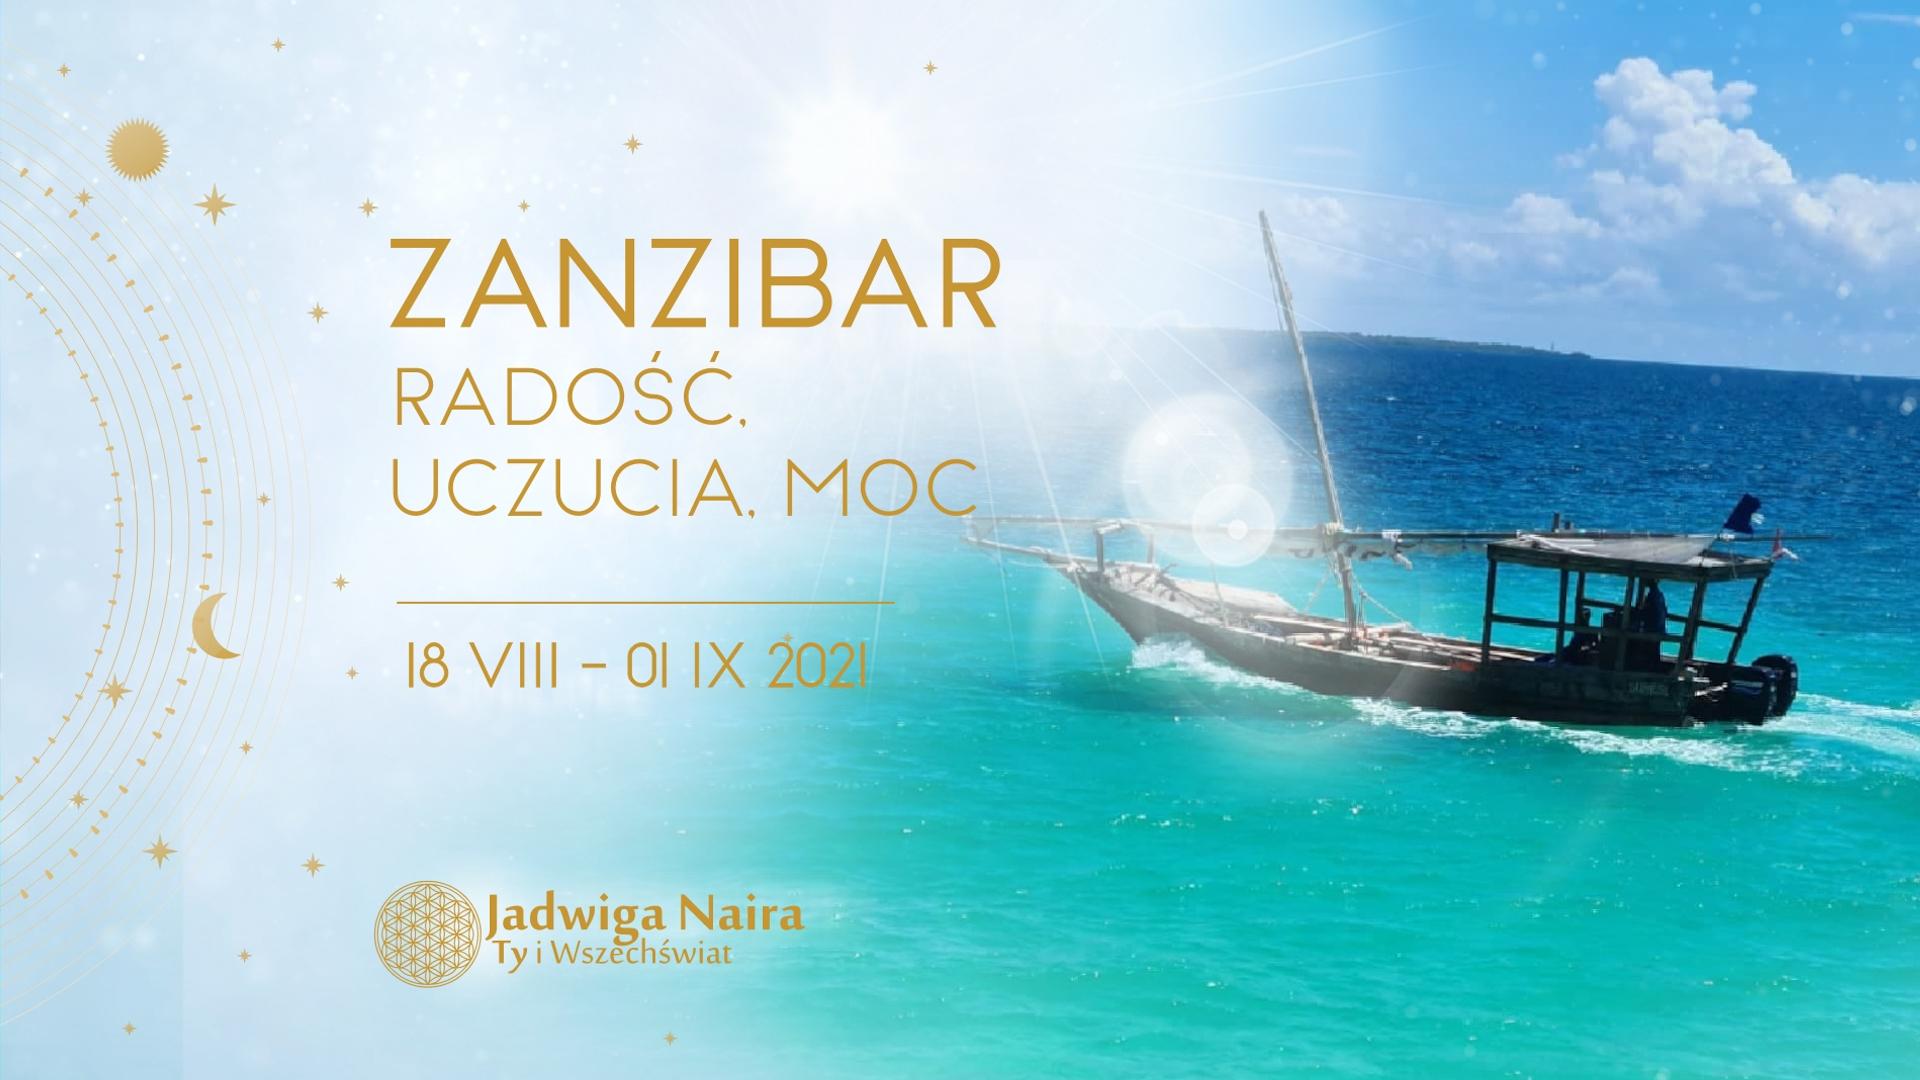 Zanzibar - Radość, Uczucia, Moc